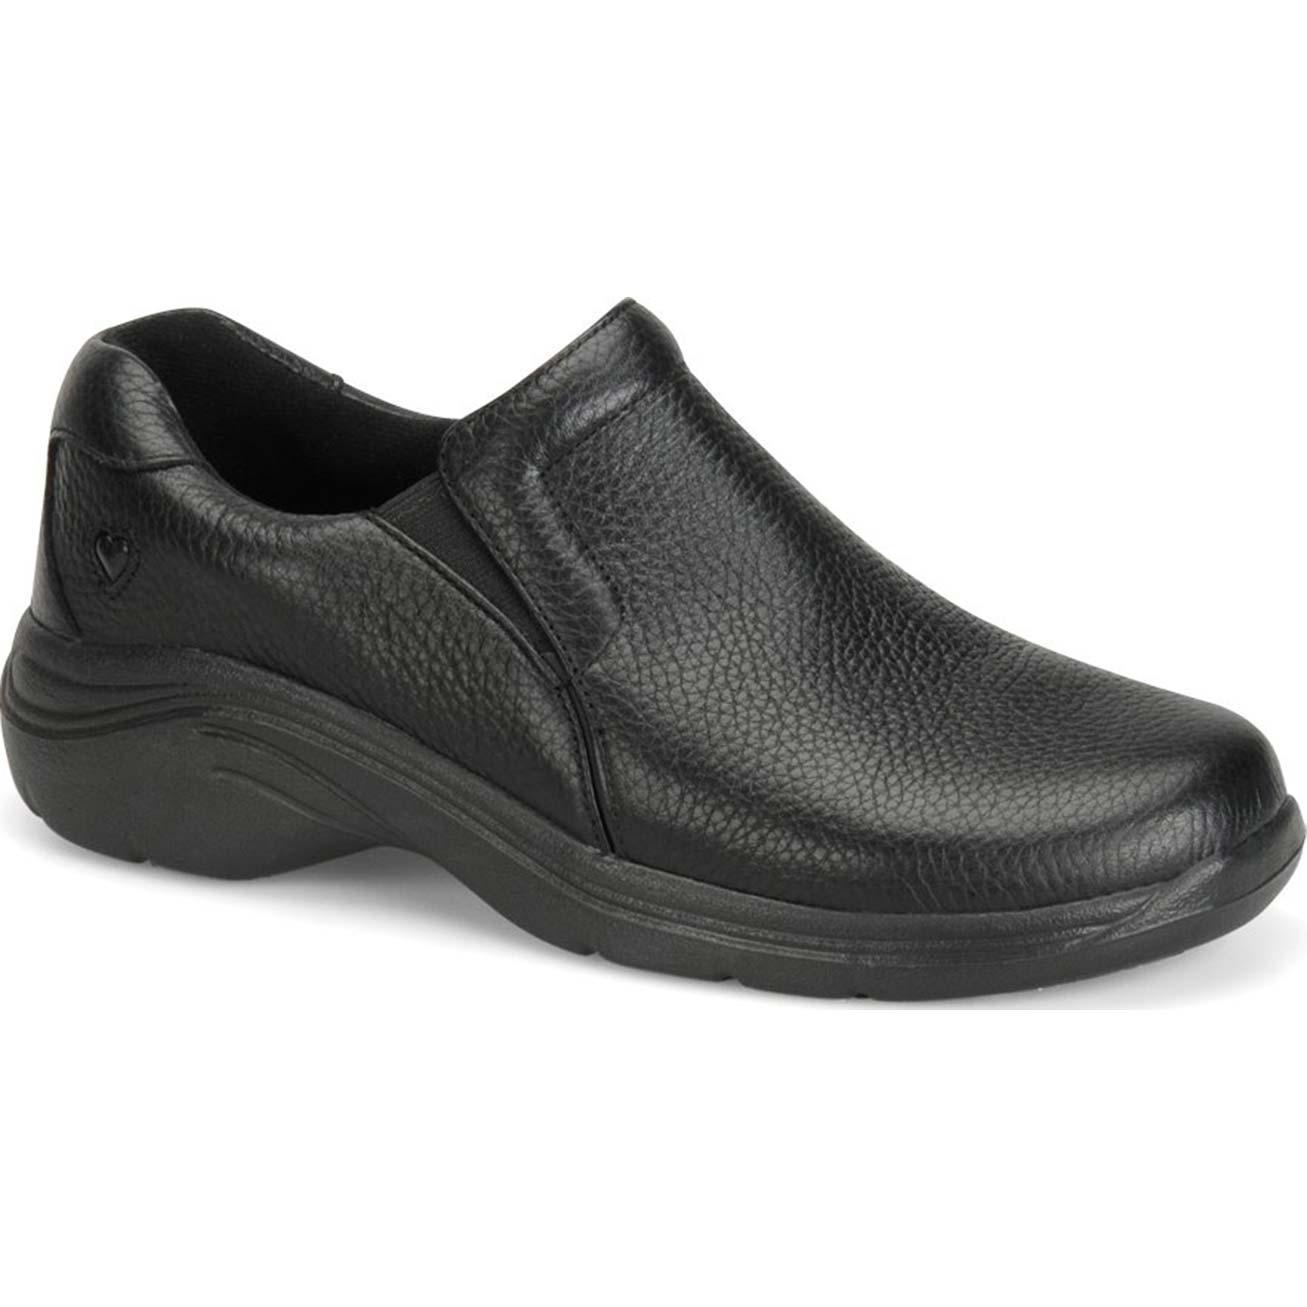 Nurse Mates Slip Resistant Shoes